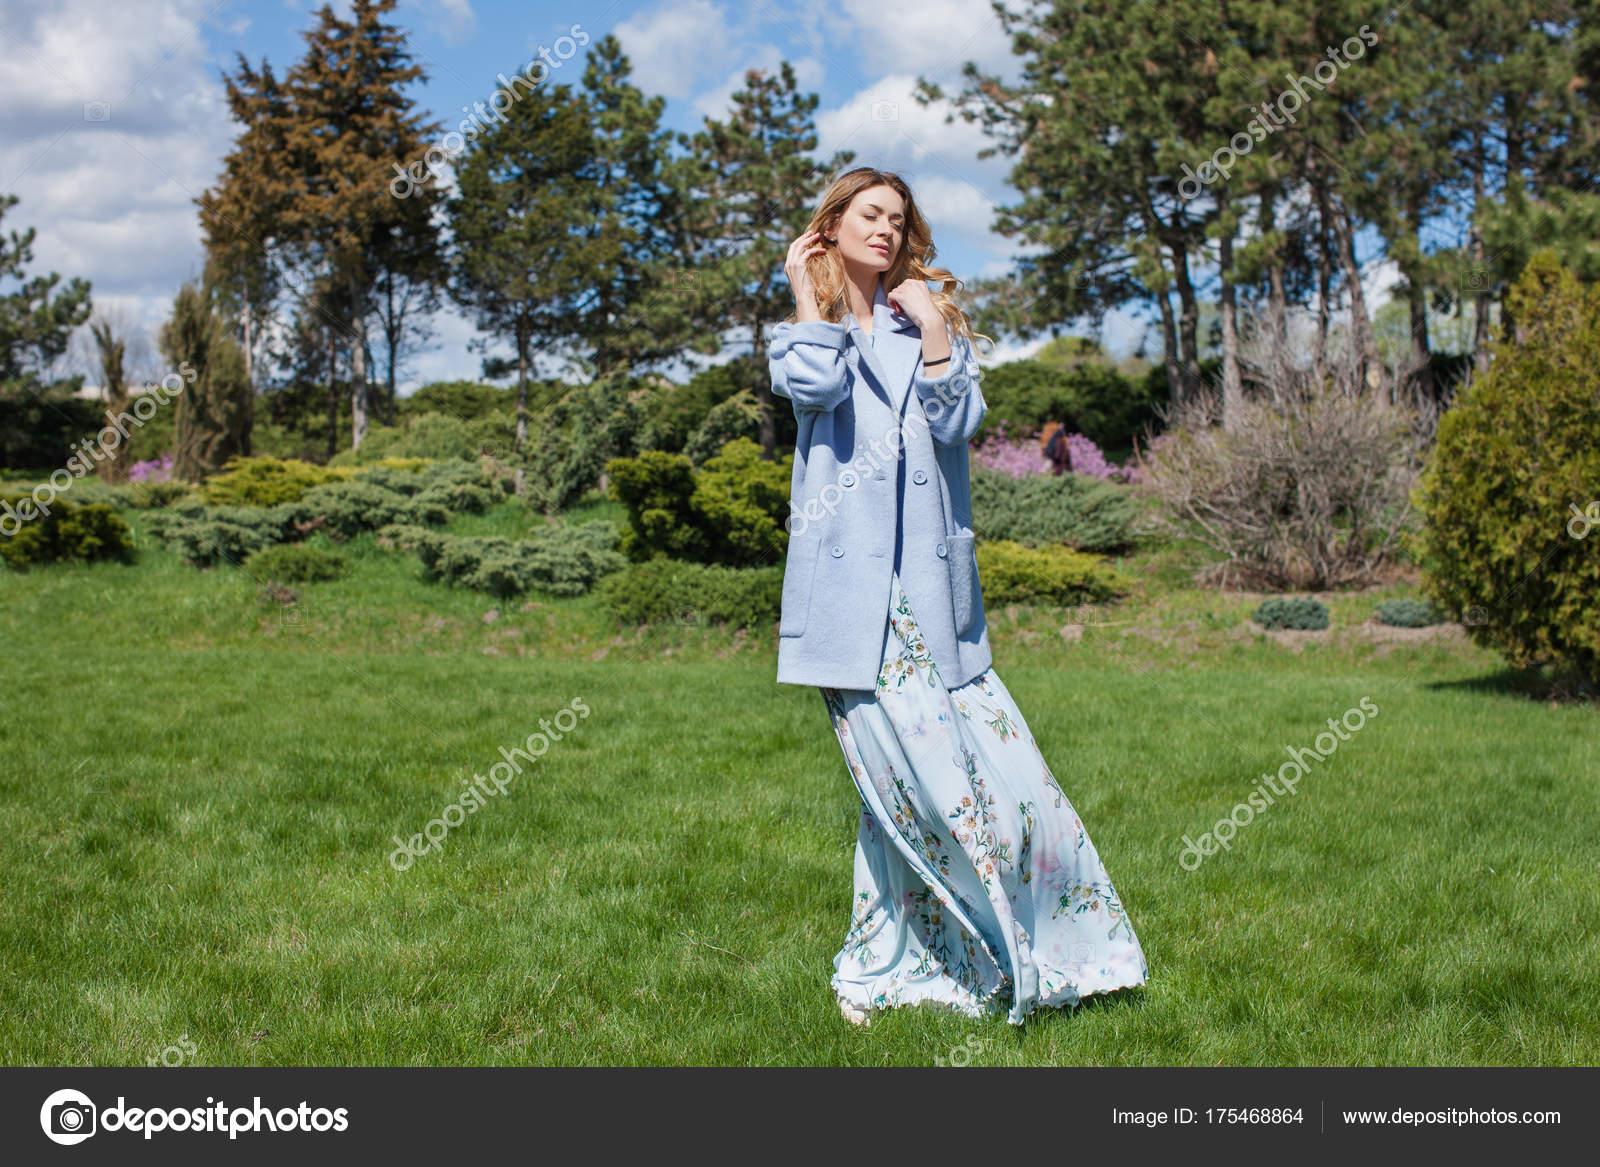 Vestido azul y chaqueta